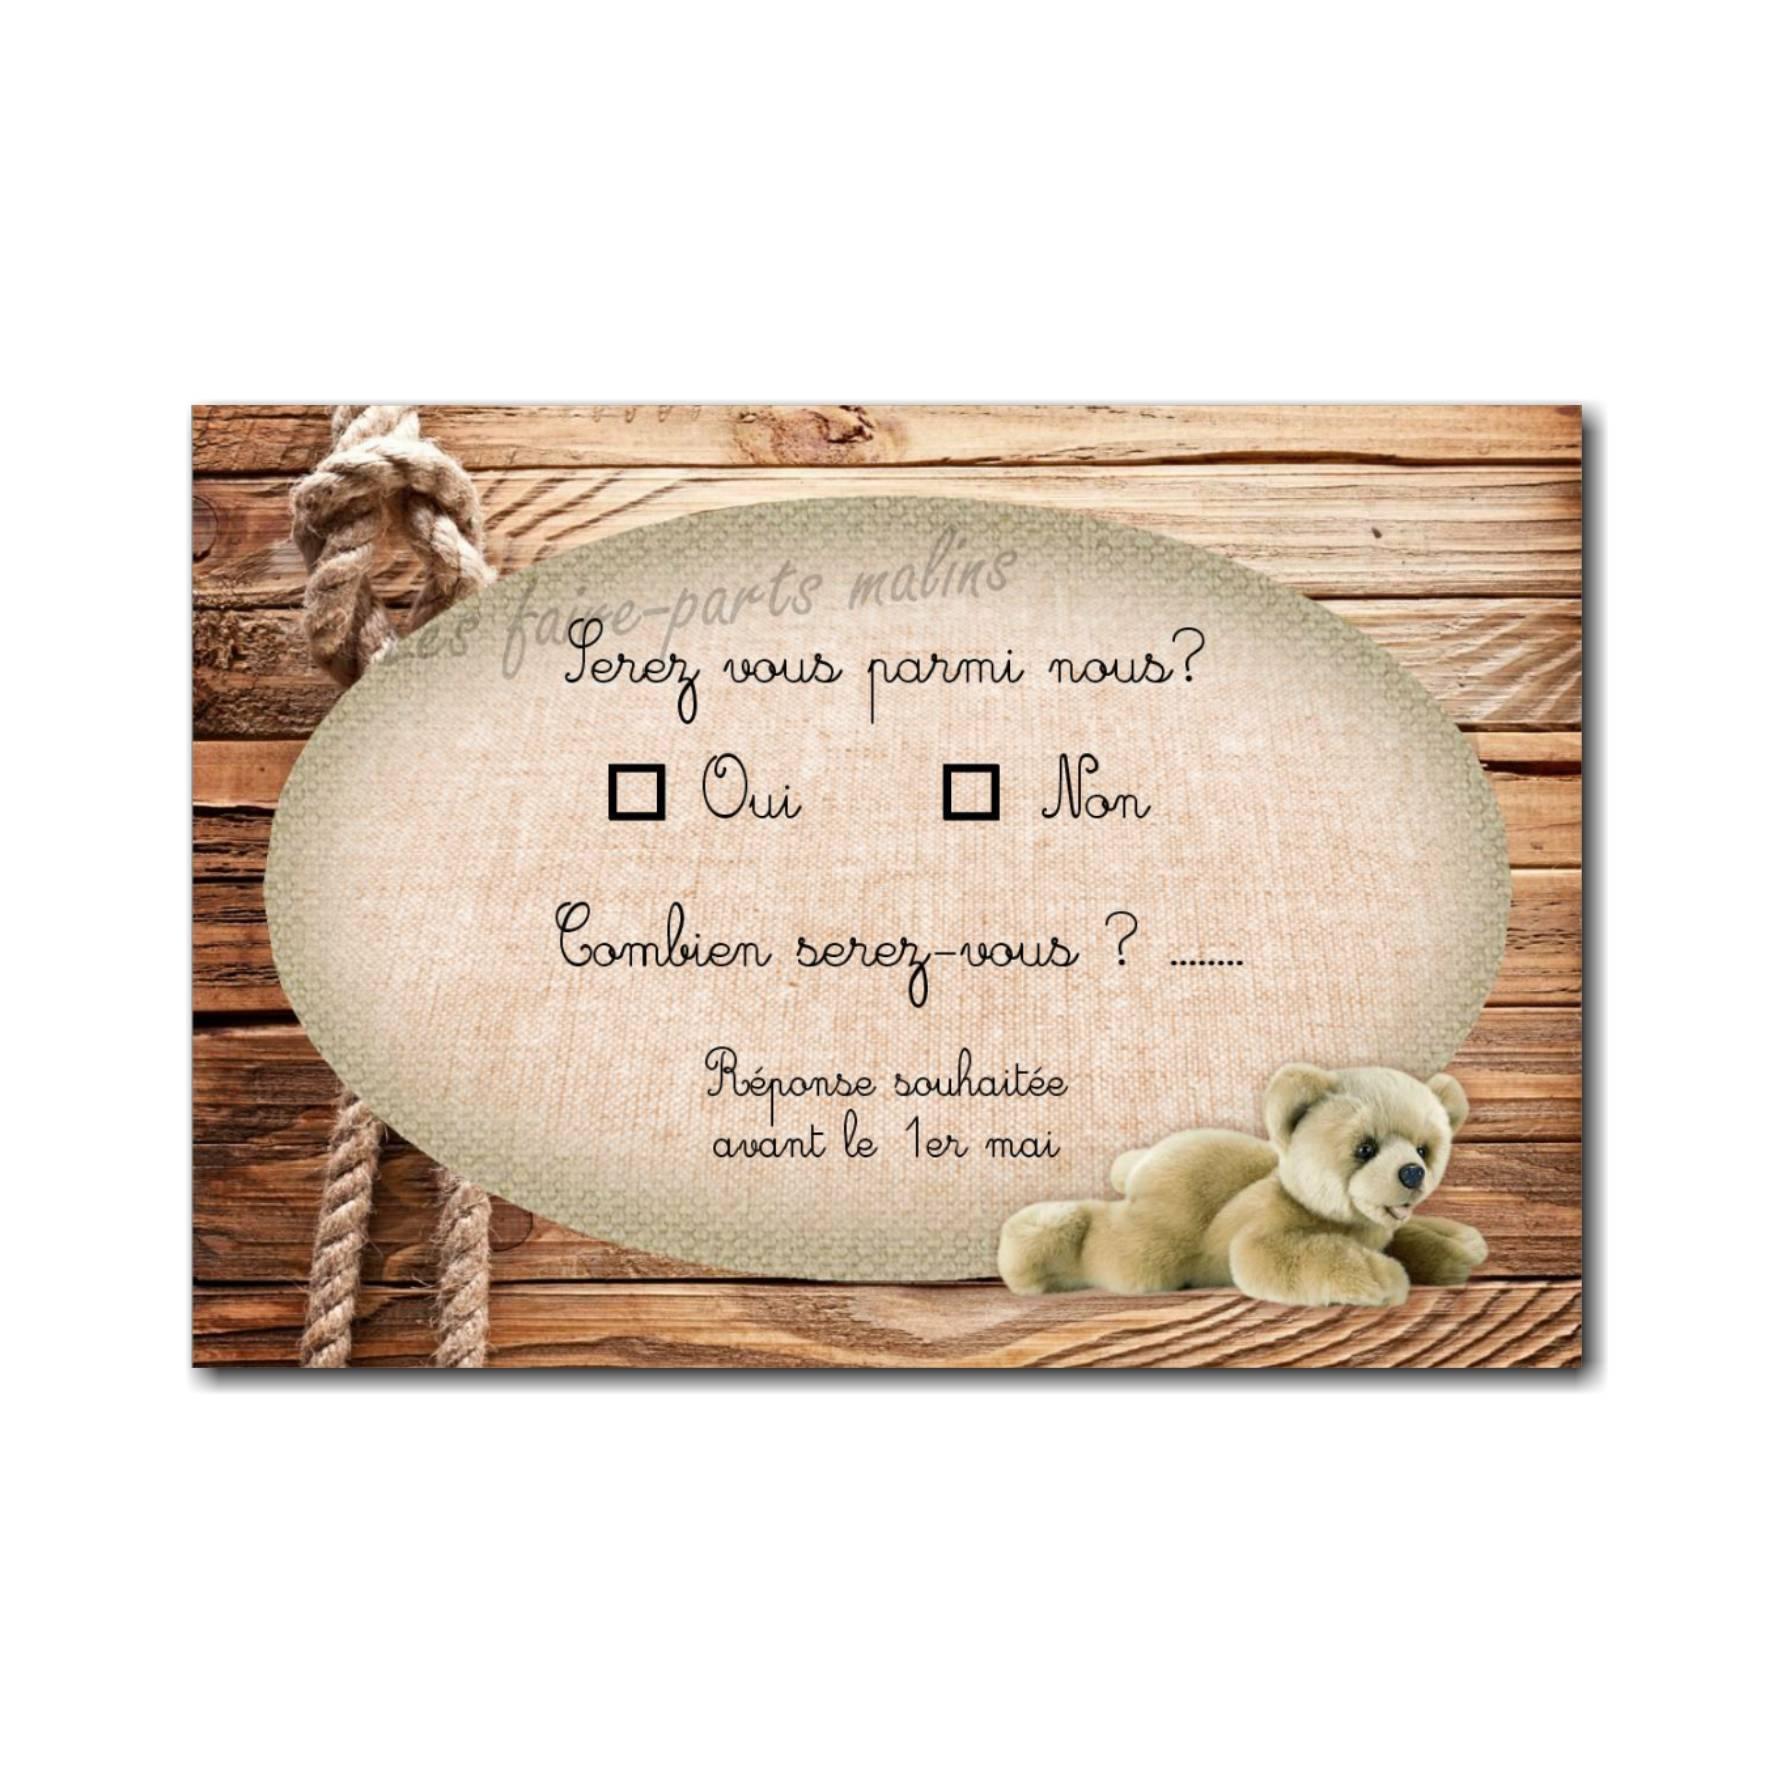 coupon réponse fond de bois clair avec ourson